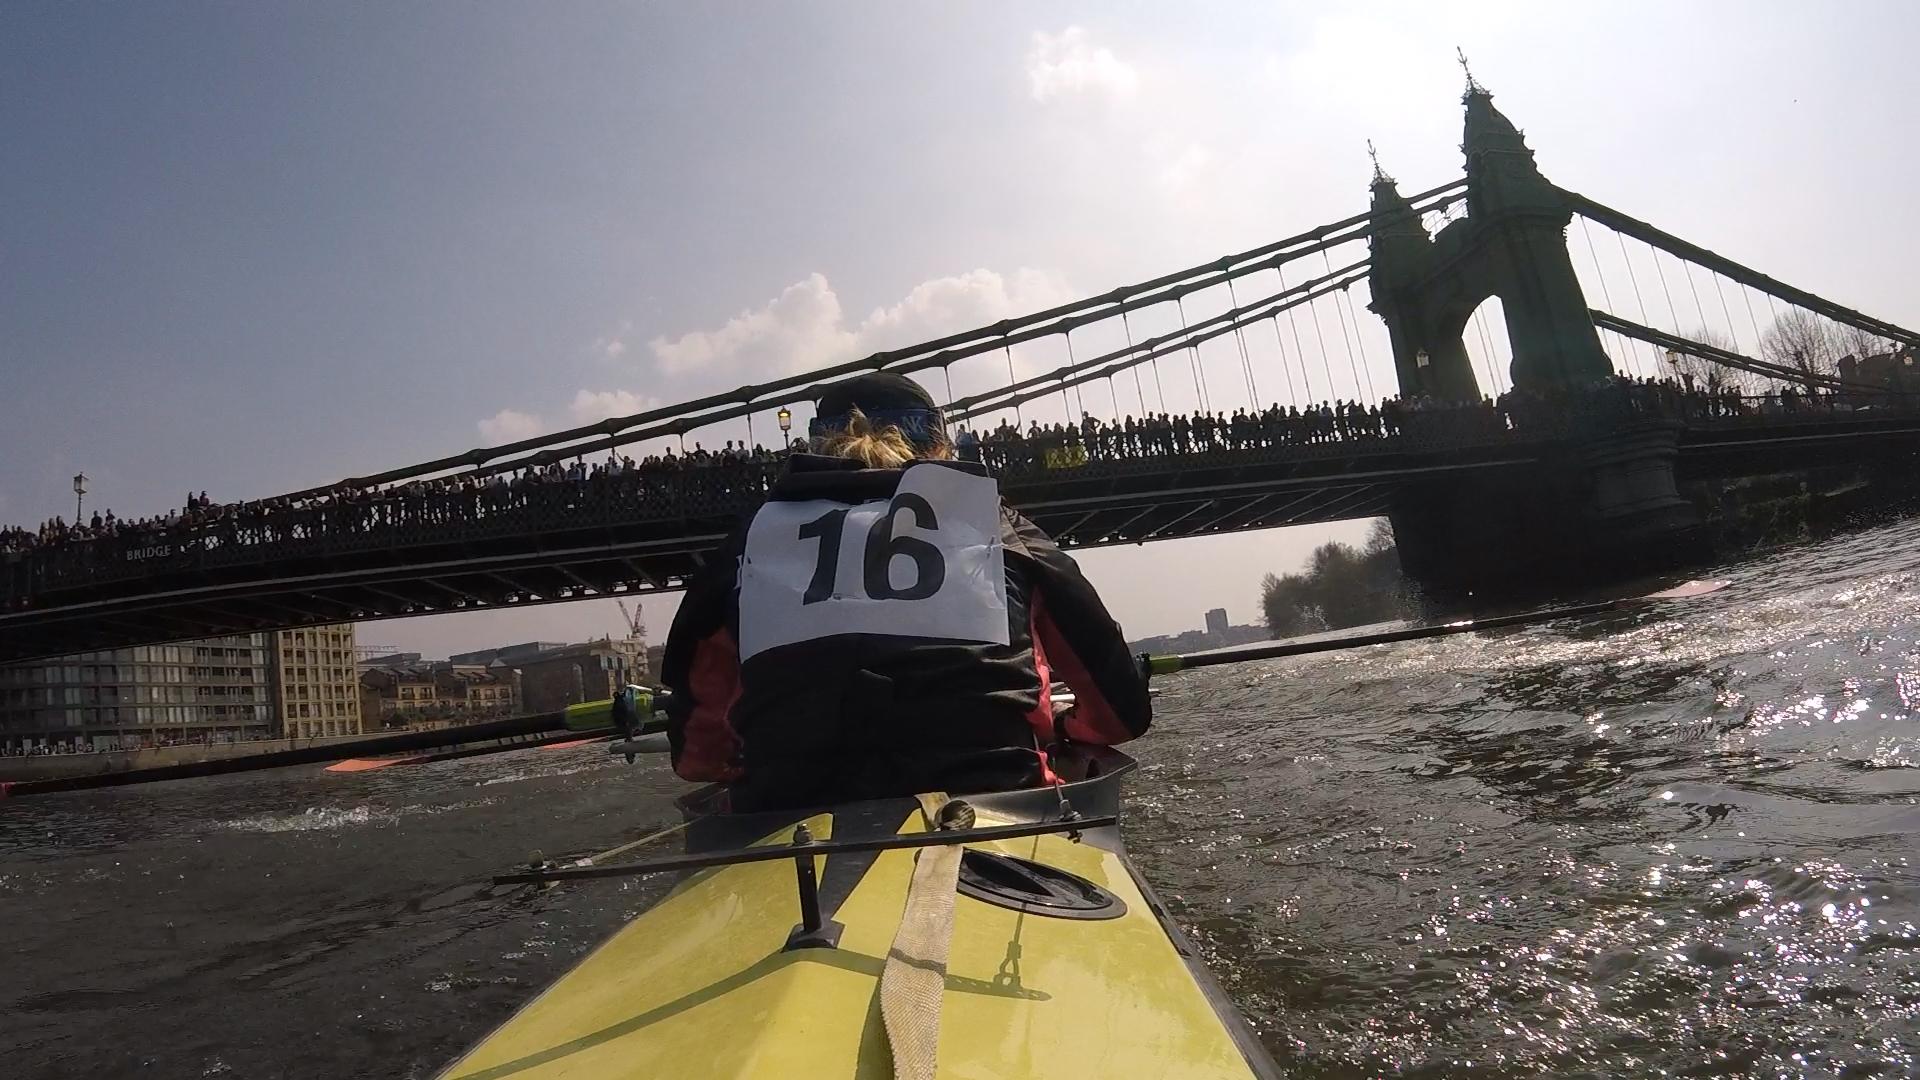 The Tideway, London, UK